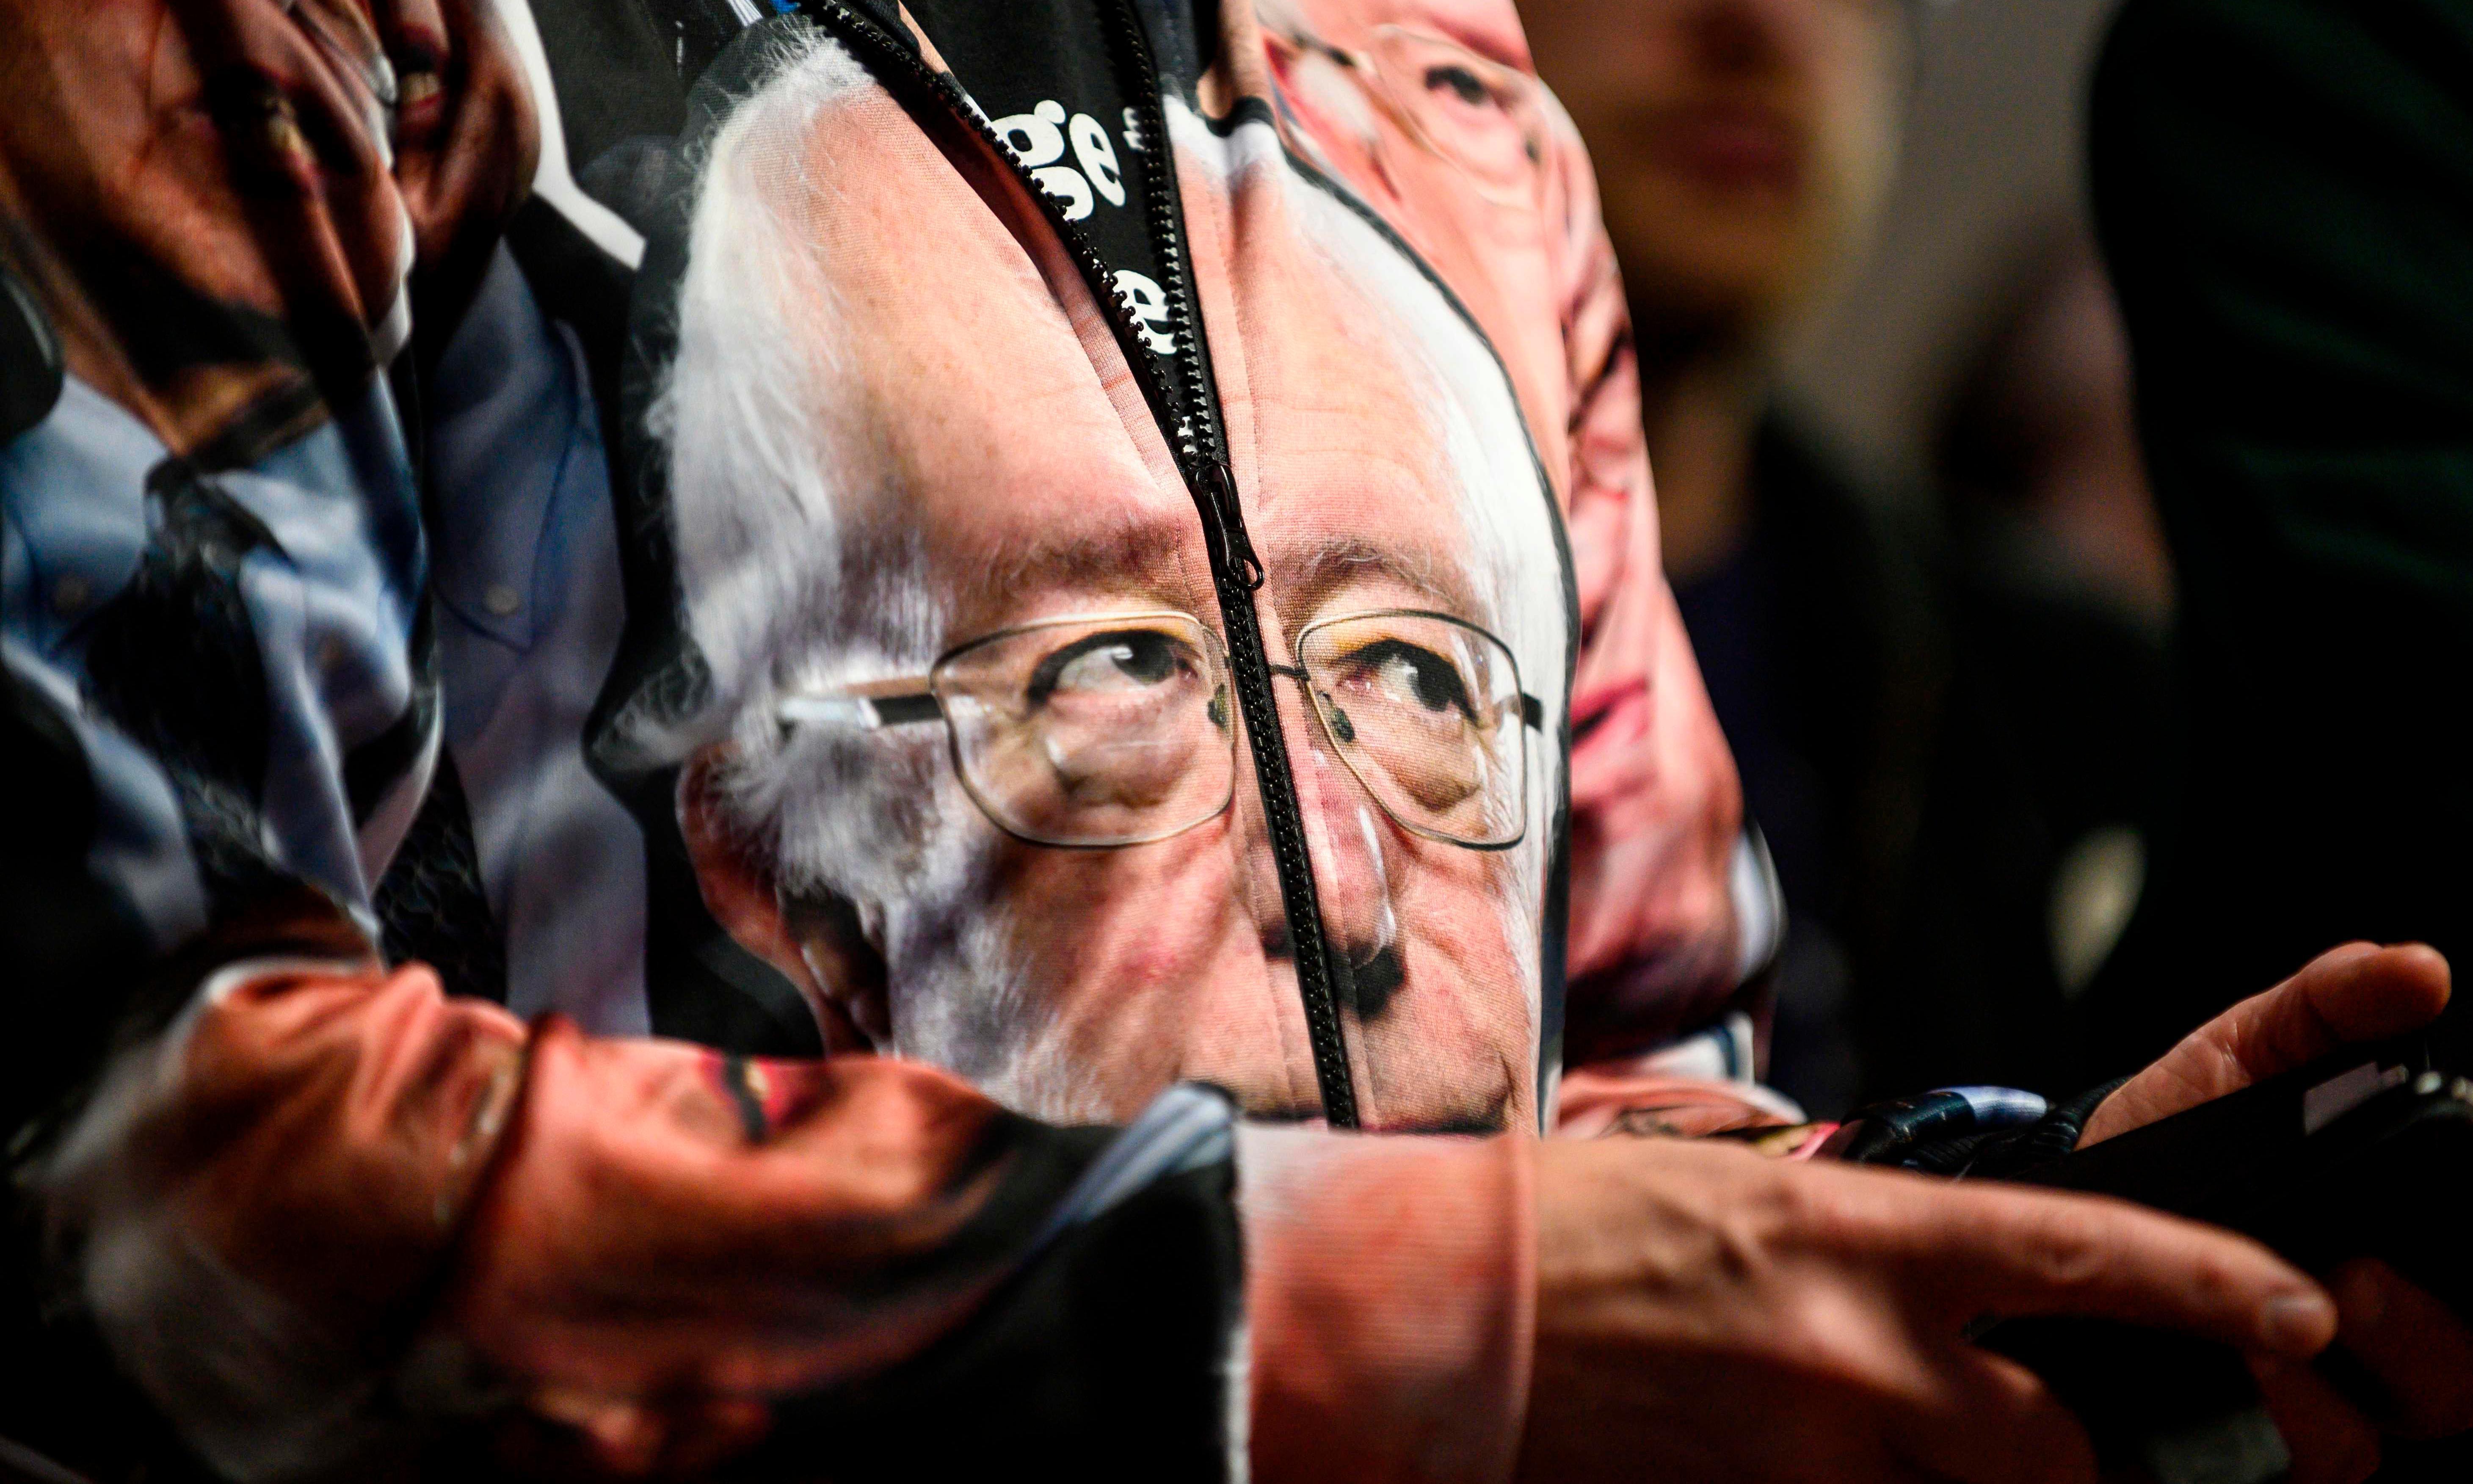 Bernie Sanders surges in Iowa poll ahead of caucuses